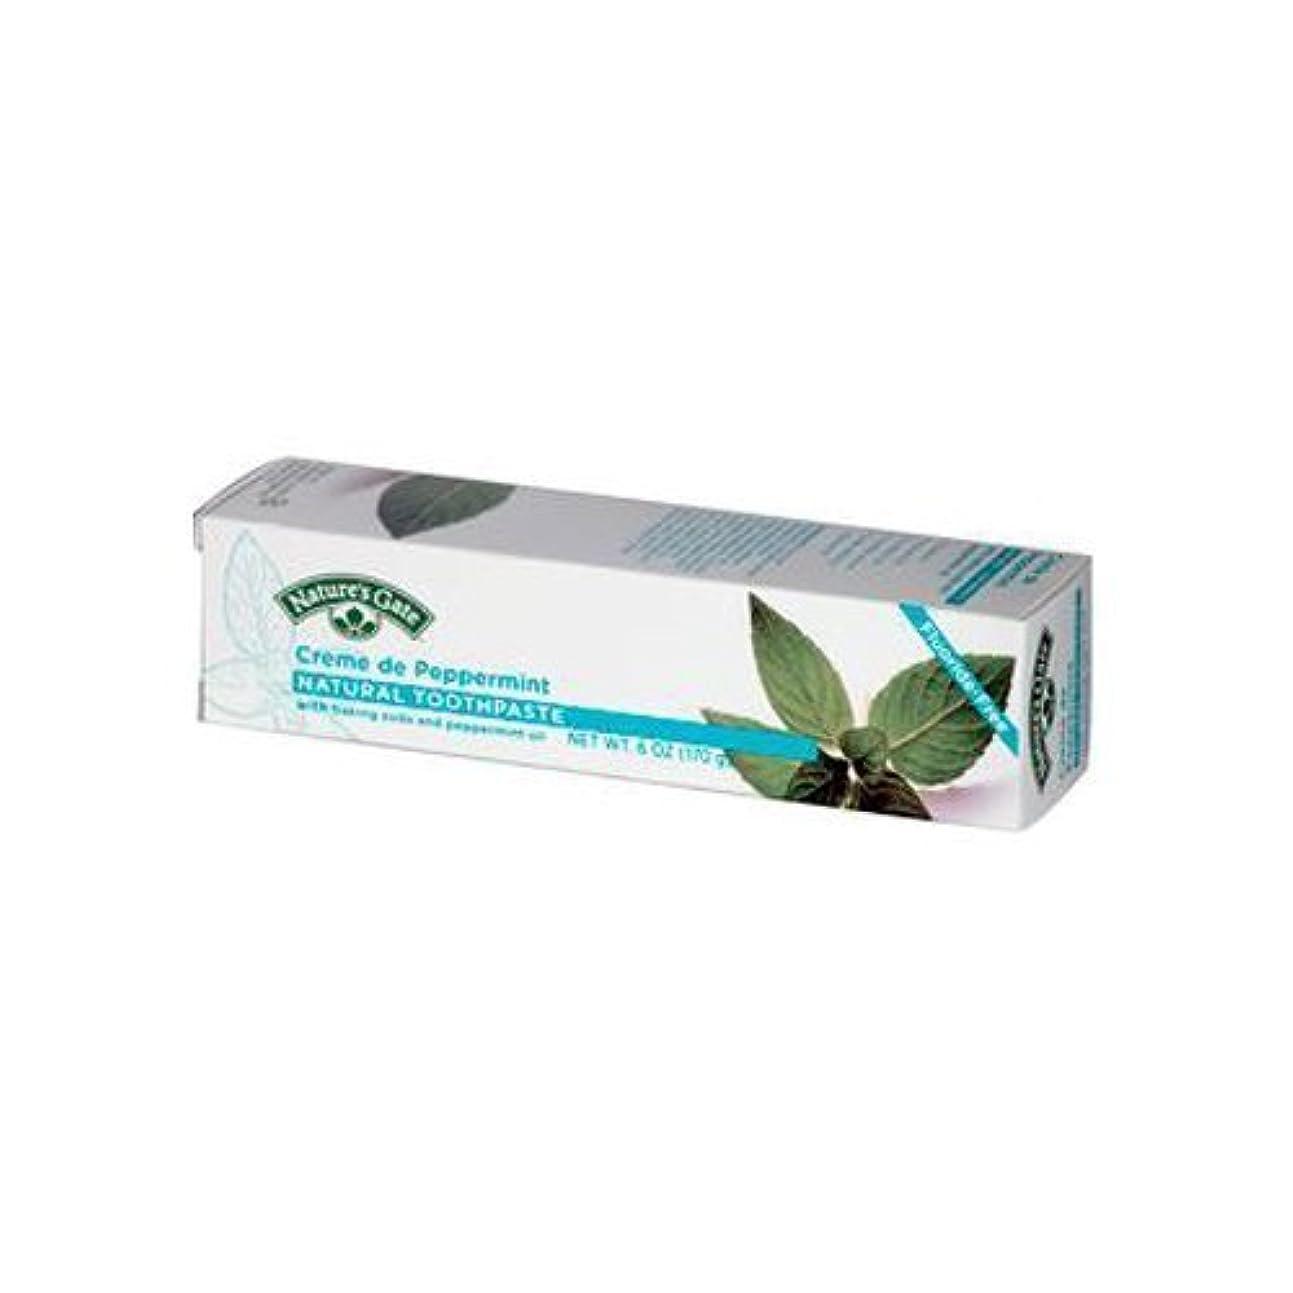 実施するトマトペチコートNatures Gate Natural Toothpaste Cr?me De Peppermint - 6 oz - Case of 6 by NATURE'S GATE [並行輸入品]